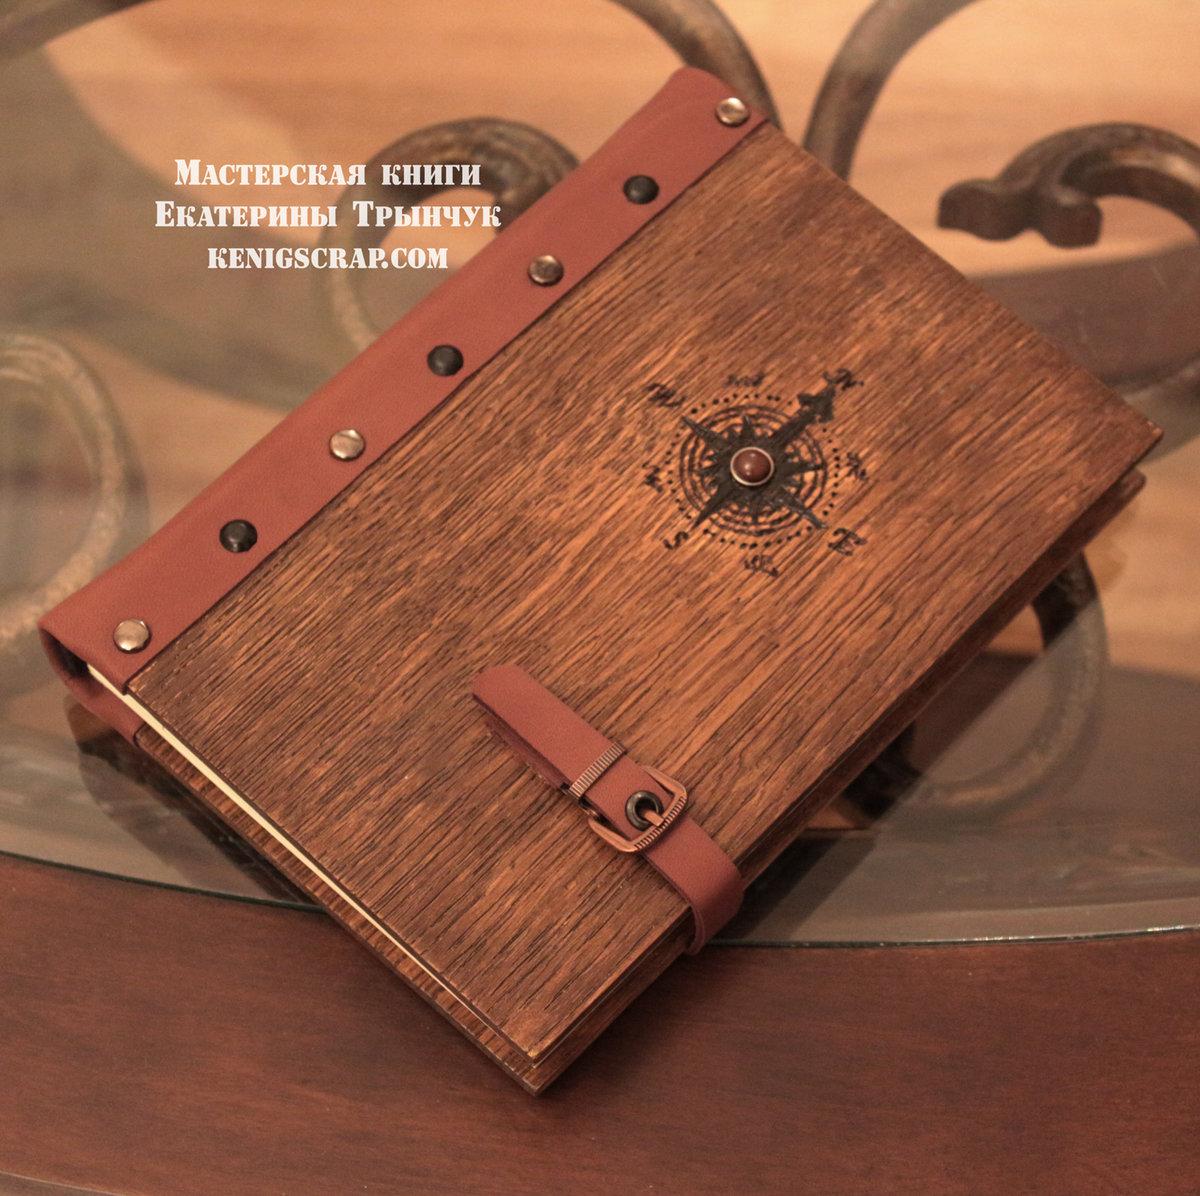 Блокнот деревянный своими руками